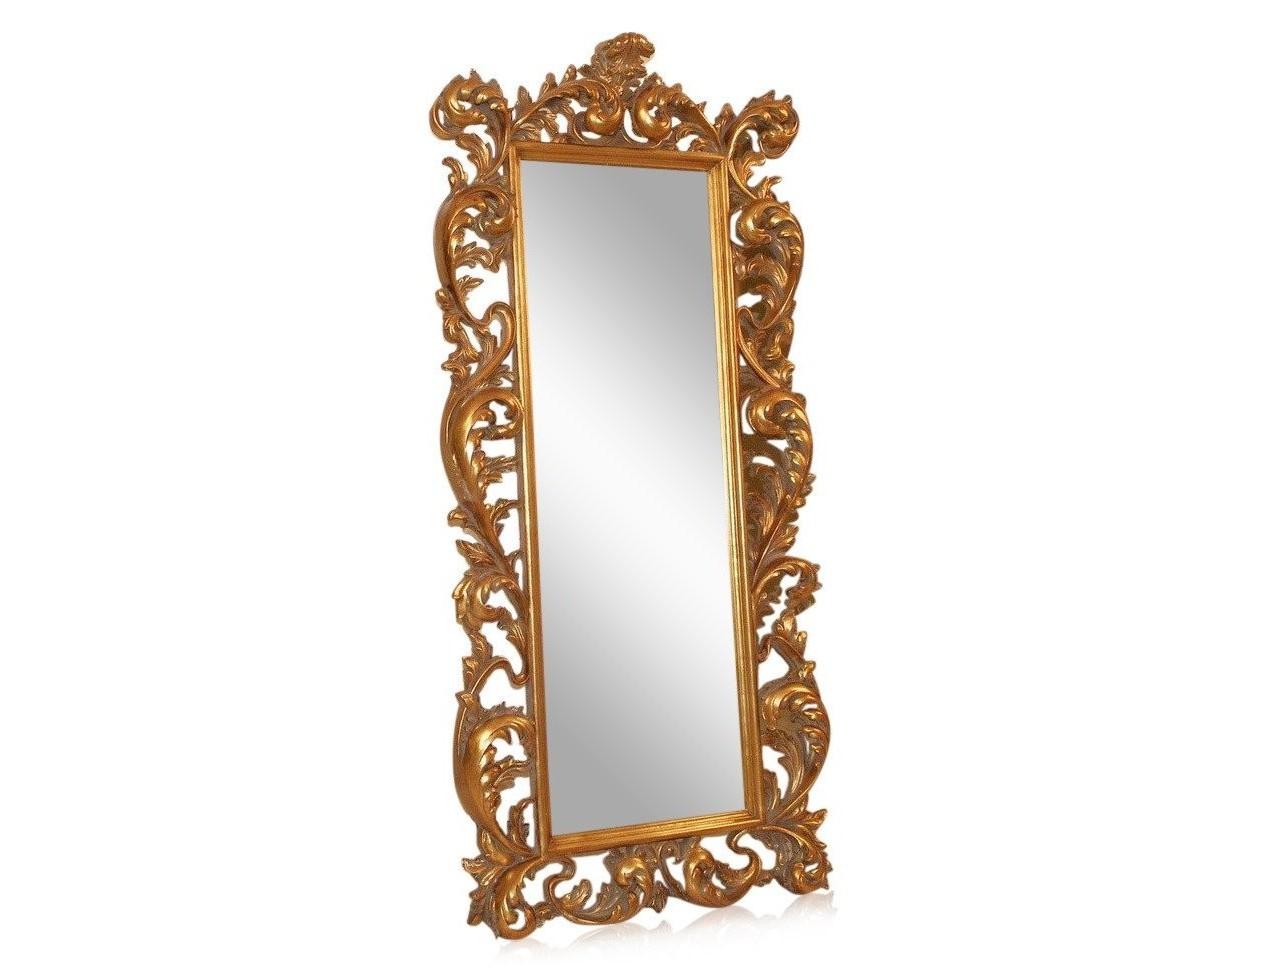 Напольное зеркало Меривейл (золото)Напольные зеркала<br>Прекрасное и элегантное напольное зеркало Meривейл в багете.<br>Утонченное творение дизайнеров в стиле барокко украсит интерьер и станет его главным акцентом и предметом восхищения для ваших знакомых.<br><br>Material: Дерево<br>Ширина см: 85<br>Высота см: 193<br>Глубина см: 11